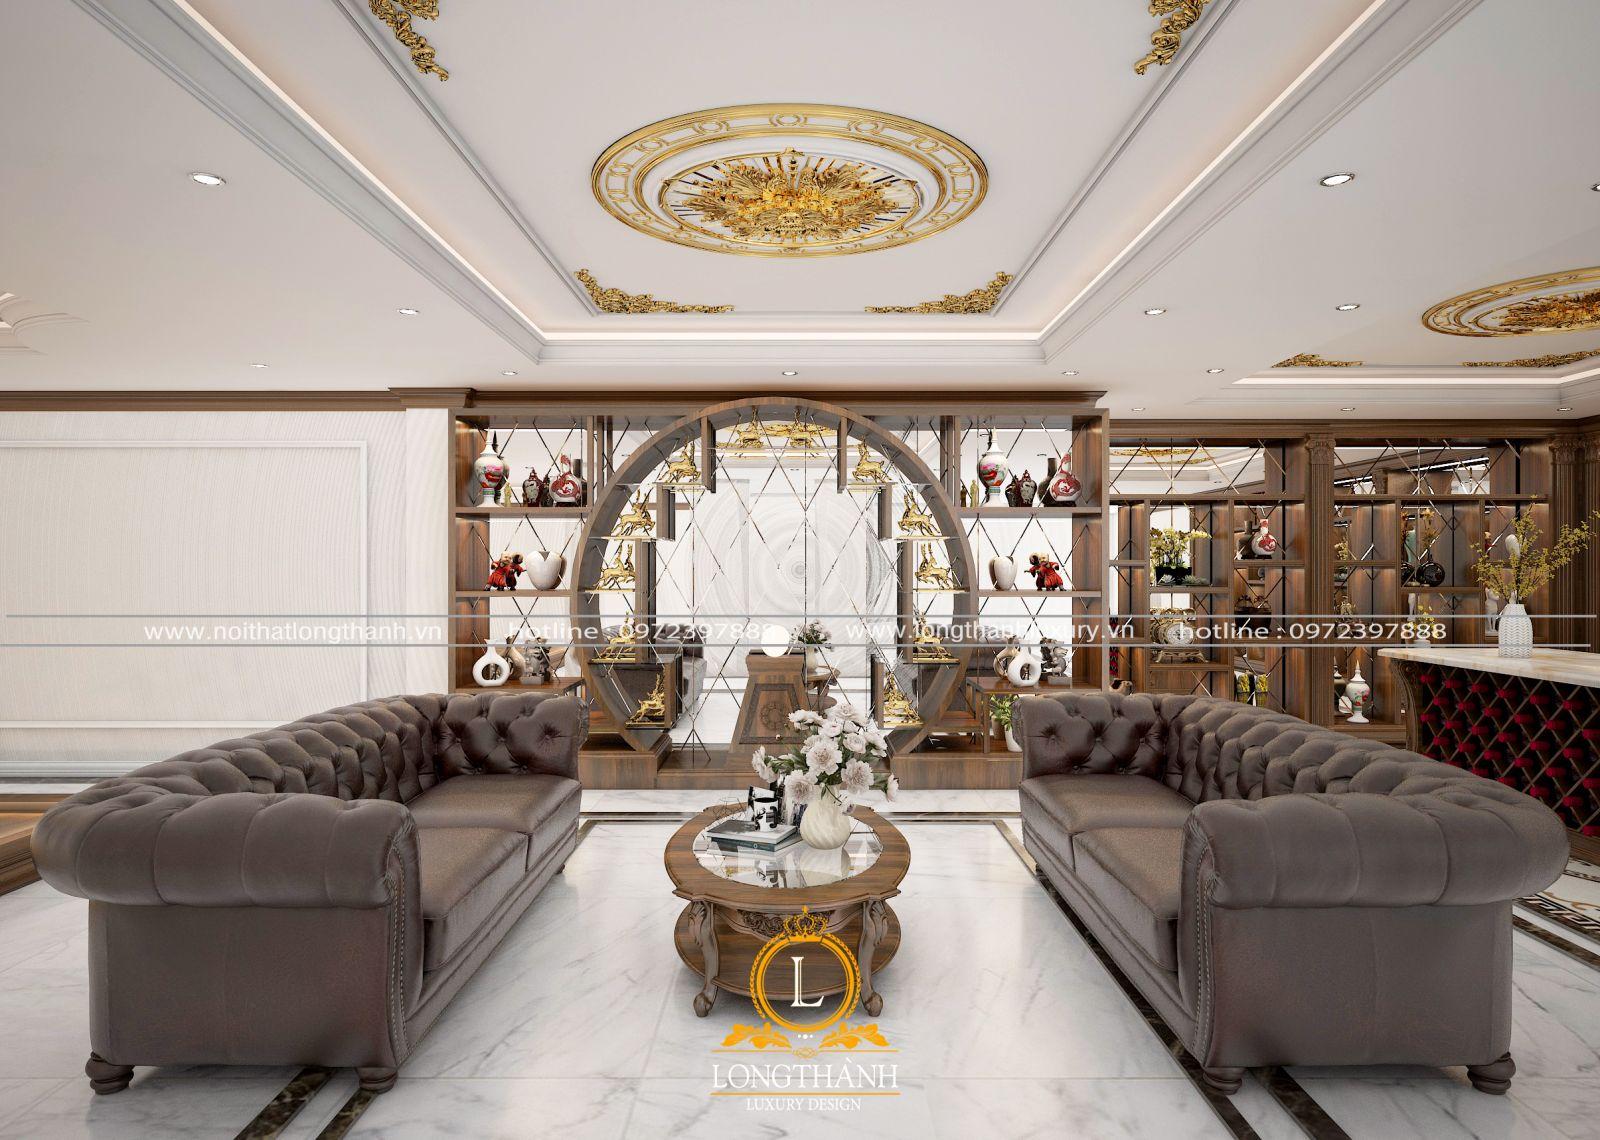 Thiết kế phòng trừng bày cho nhà biệt thự rộng